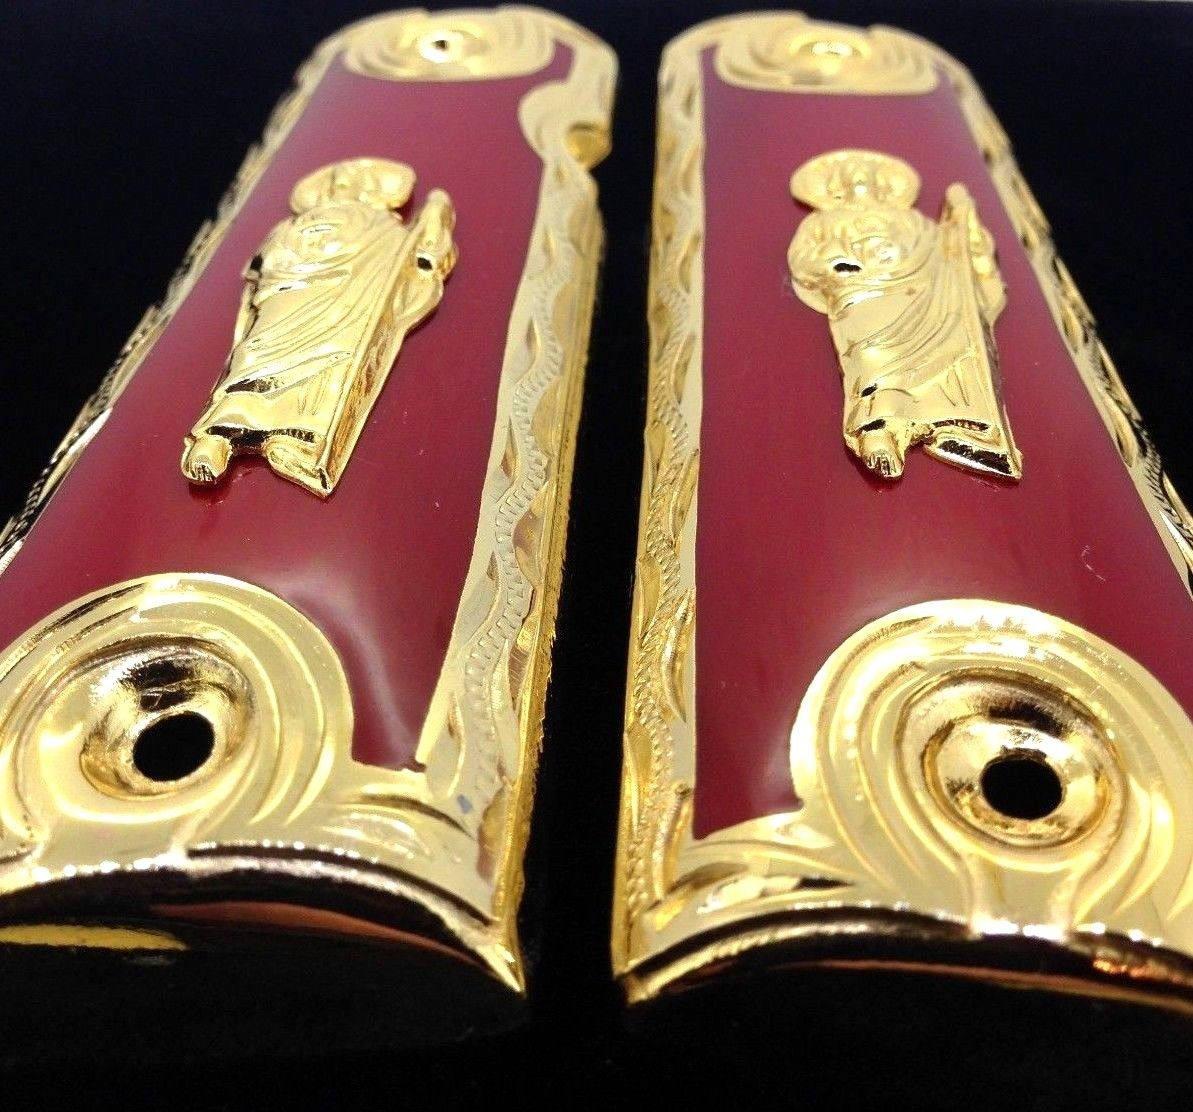 1911 • pistola apretones • St Jude • San Judas • parca • Springfield ...